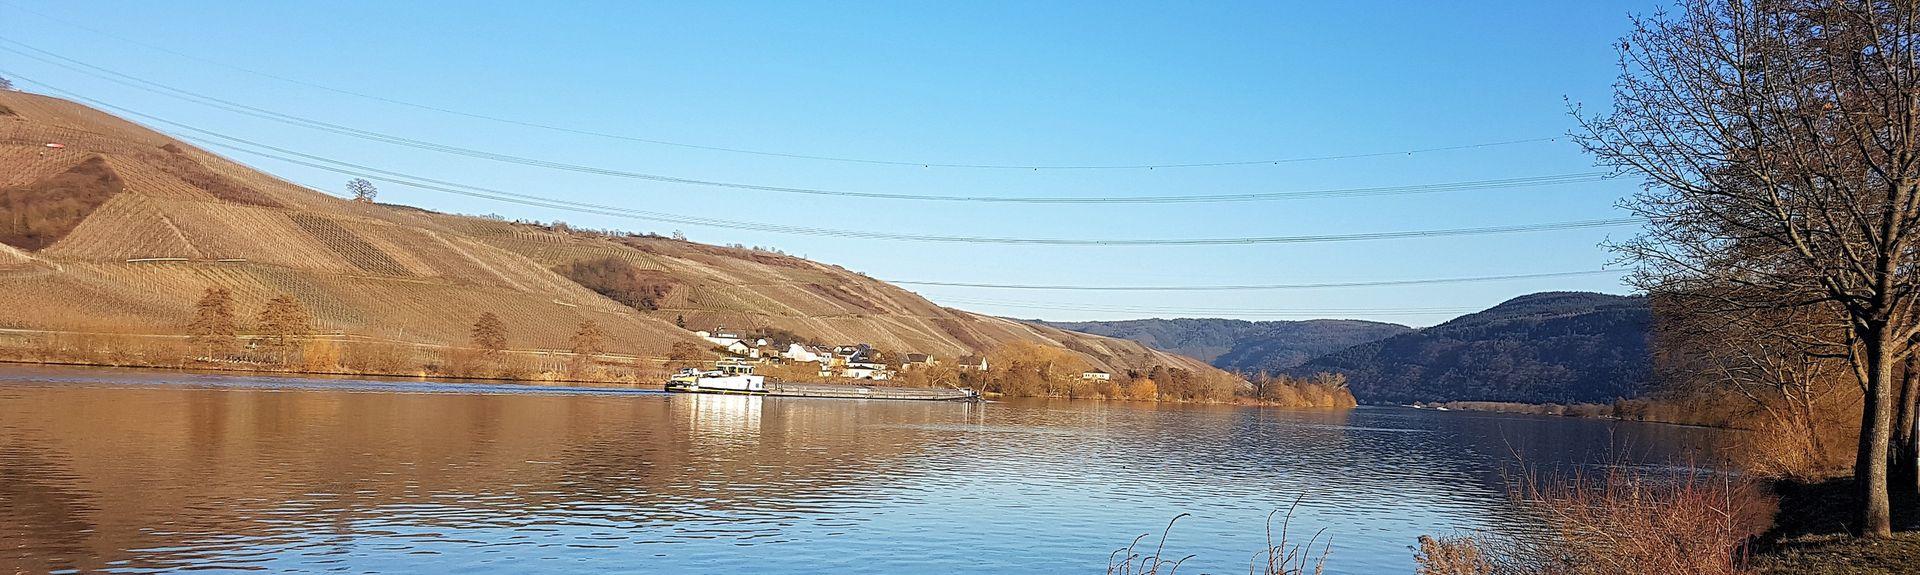 Riveris, Rheinland-Pfalz, Tyskland